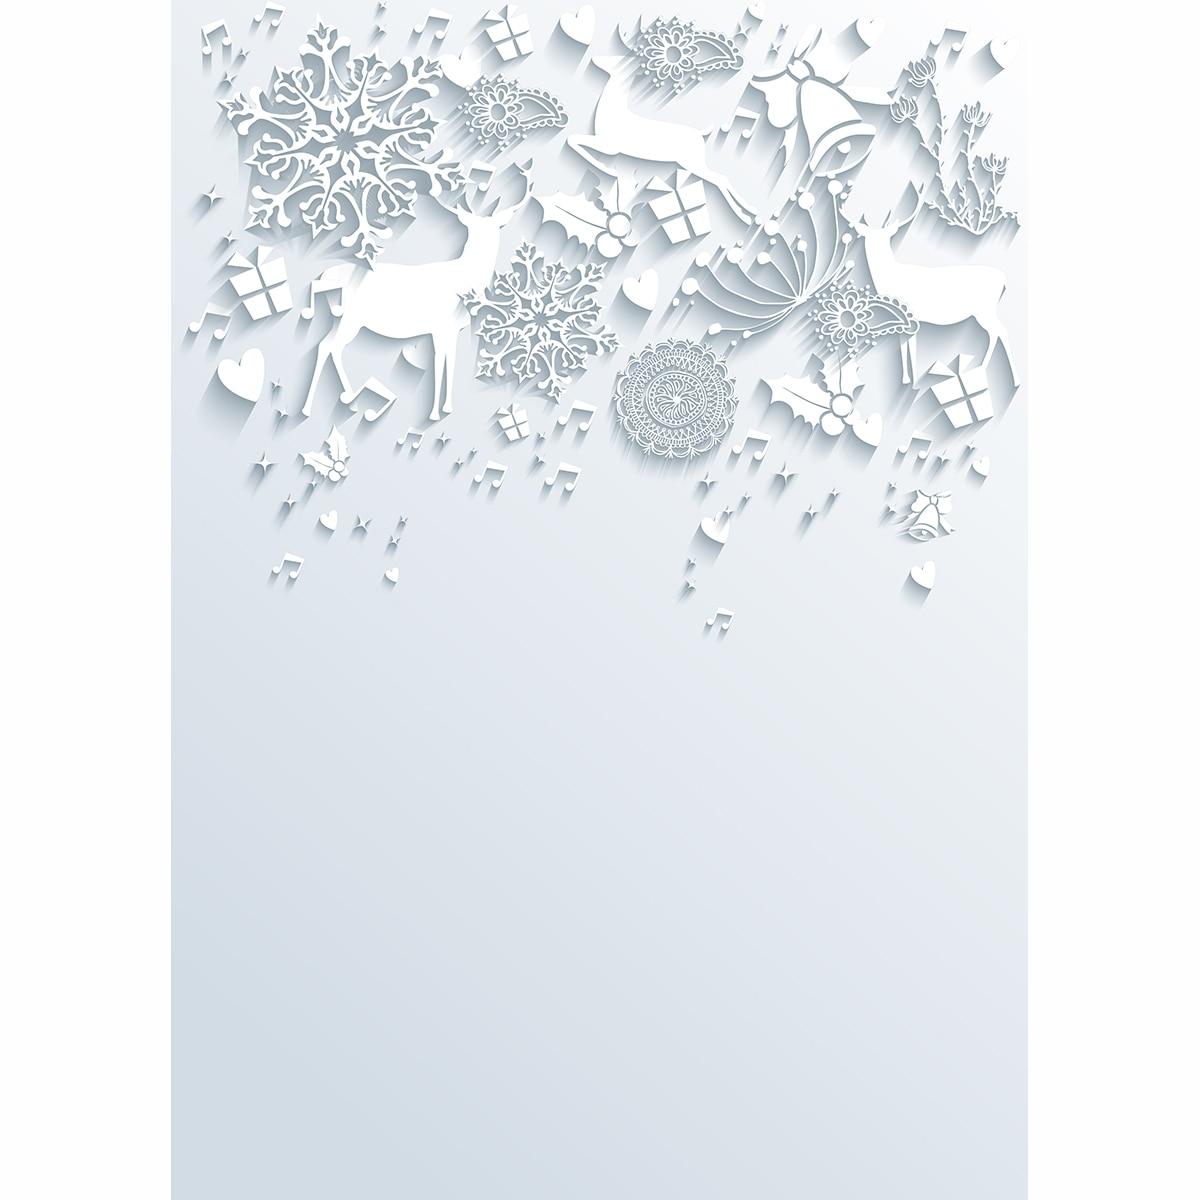 Weihnachten winter kulissen Schneeflocke geschenk elch glocken weiß ...